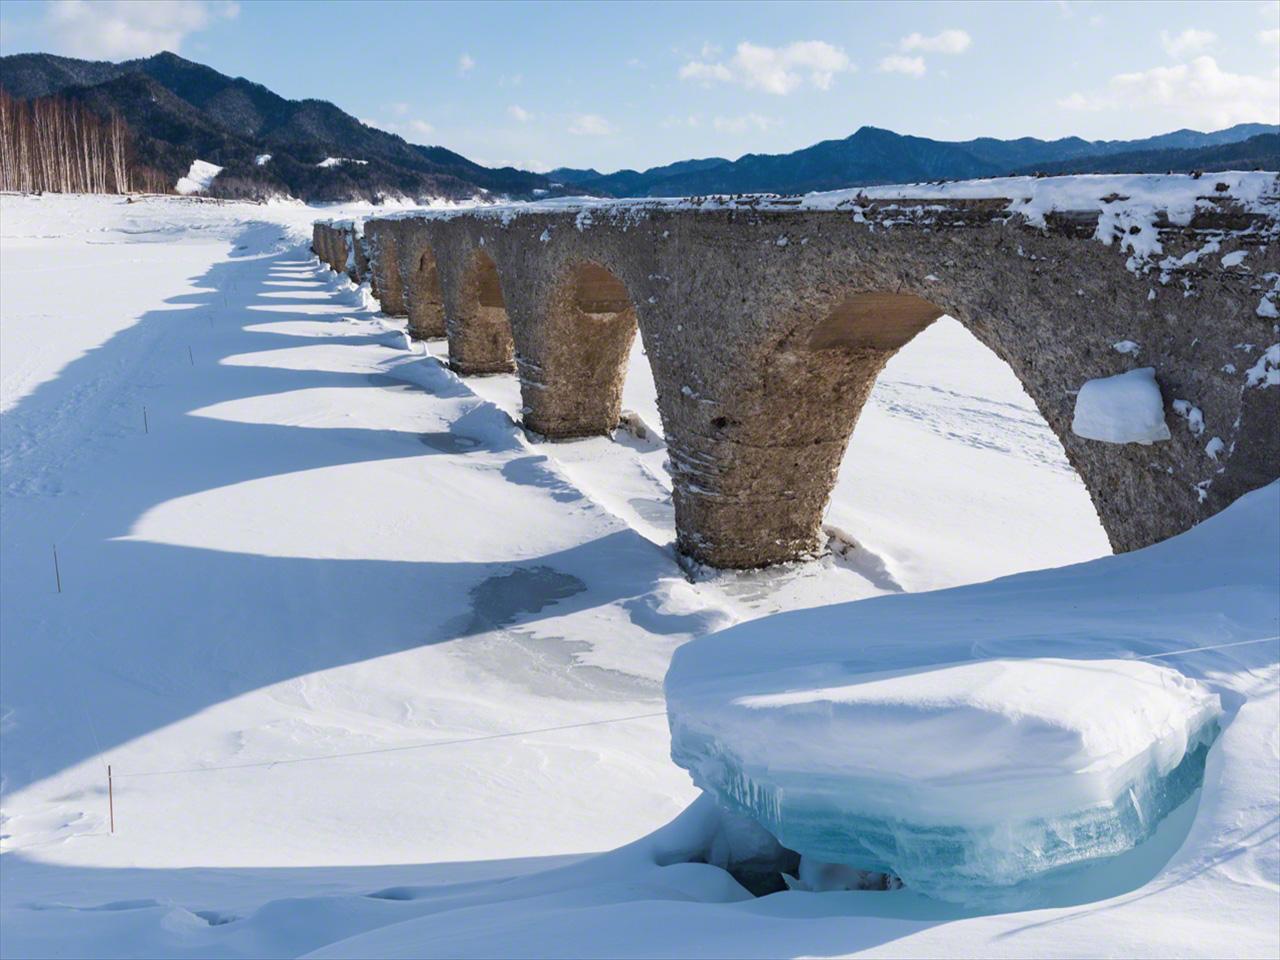 Febrero. Una gruesa capa de hielo cubre la superficie del lago en el riguroso invierno de la región, en que la temperatura cae por debajo de los –25 ºC.